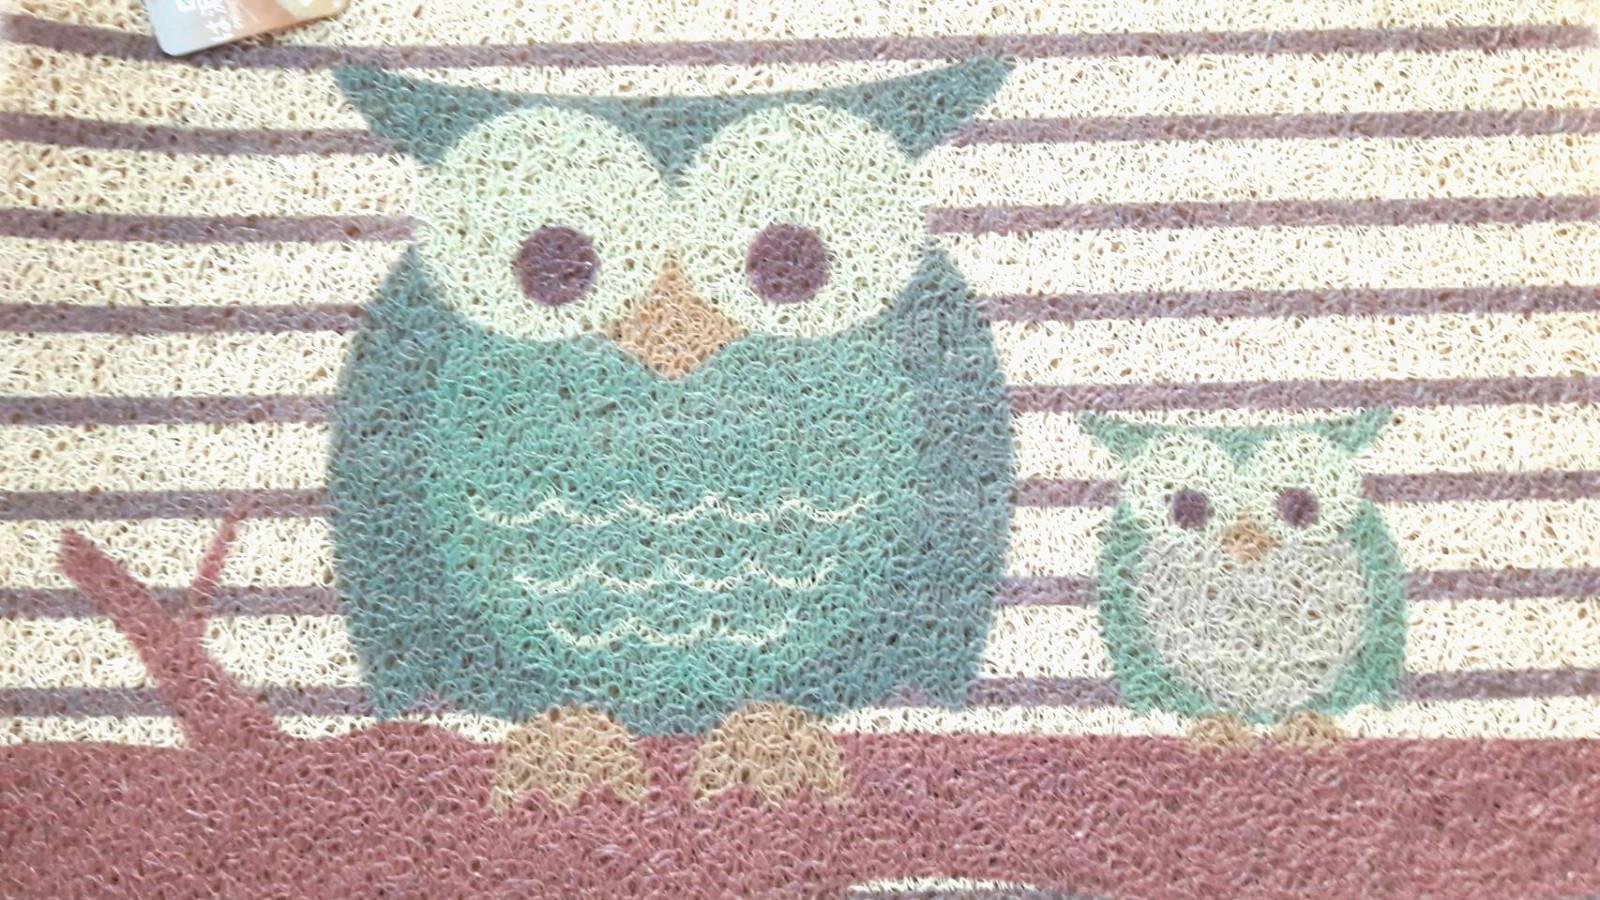 La maison生活小舖《印花刮泥繪圖地墊腳踏墊》可愛親子貓頭鷹圖案 耐用防滑 玄關、客廳、車裡皆適用 不同於一般刮泥圖案 放在美觀大方 地墊/軟墊/腳踏墊/止滑墊/刮墊/車用墊 40X60CM不佔空間